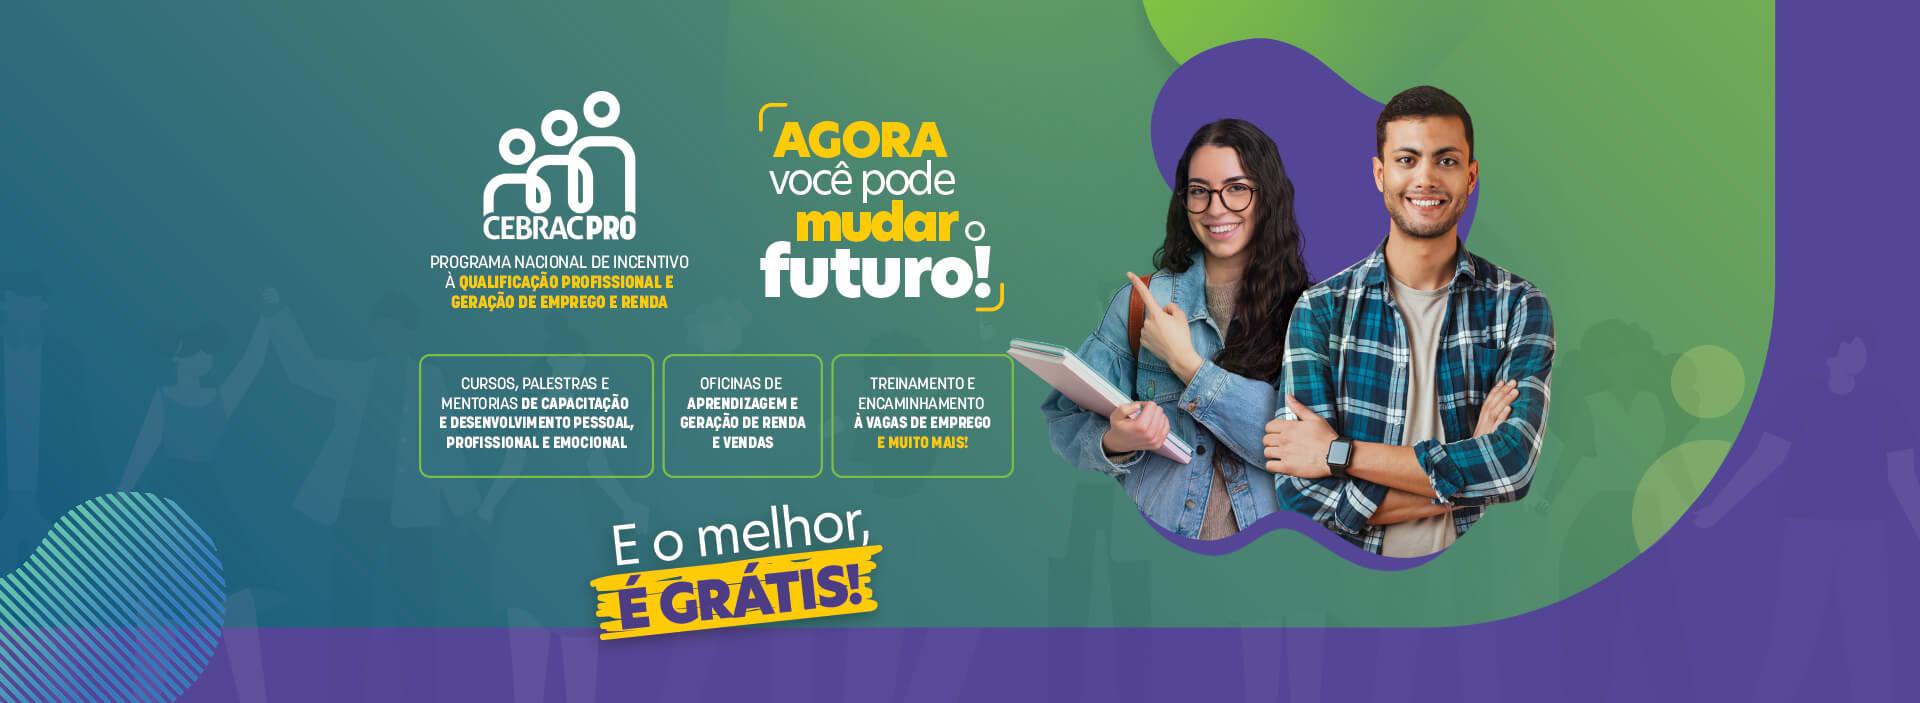 Banner Promoção CEBRACPRO - Participe!